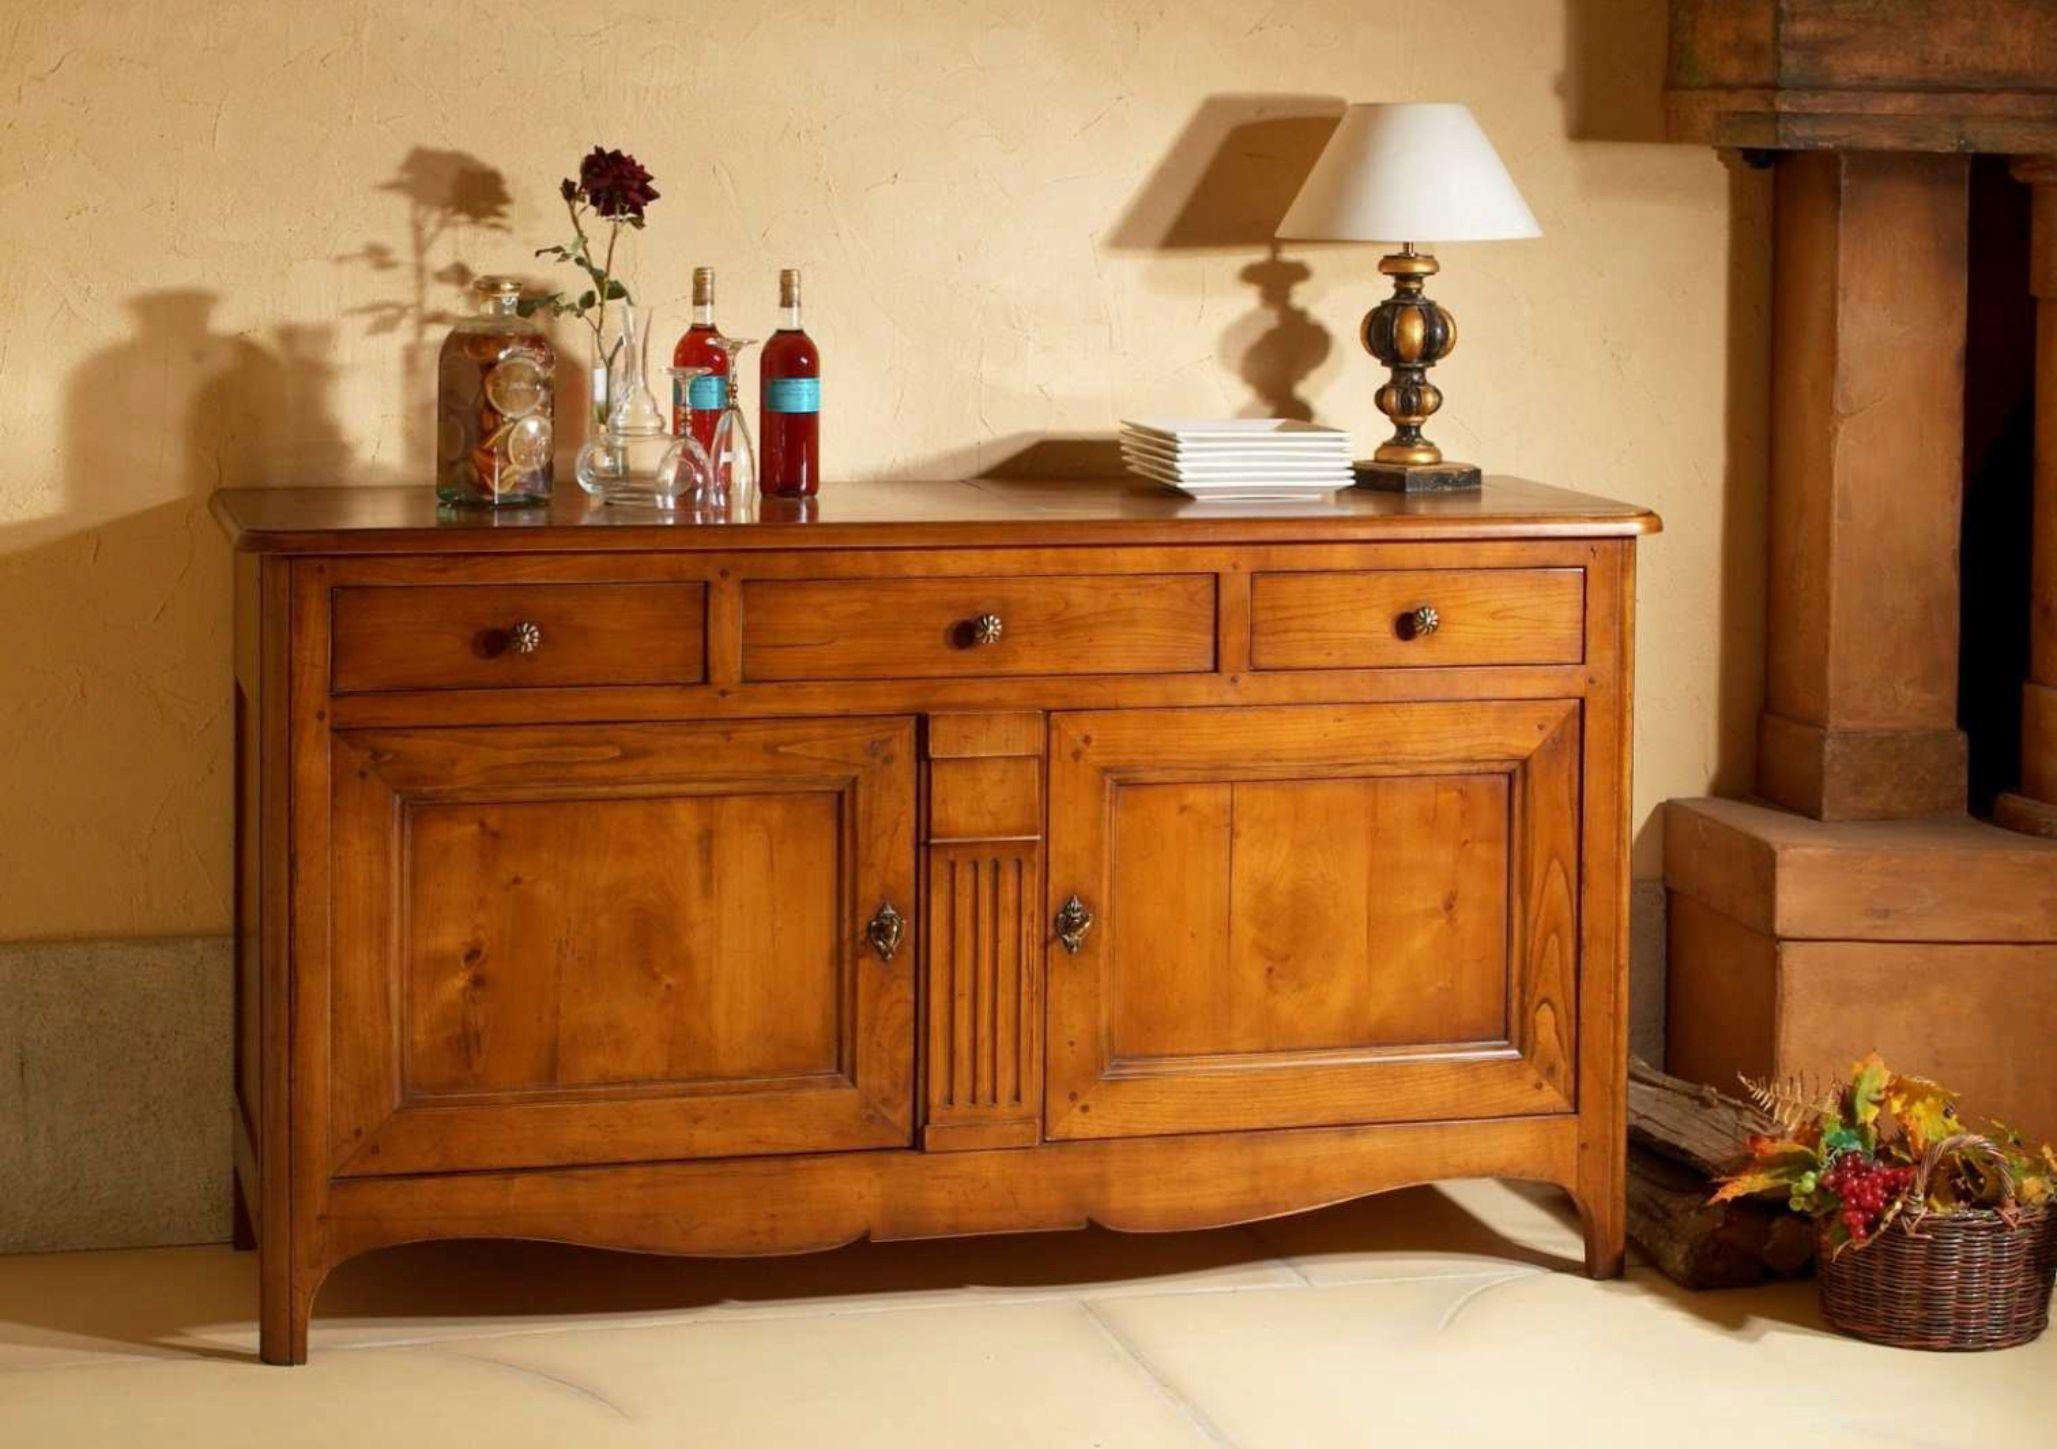 Buffet Deux Portes En Bois Massif De Style Directoire Avec 3 Tiroirs Une Separation Verticale Et 2 Etageres French Furniture Home Decor Furniture